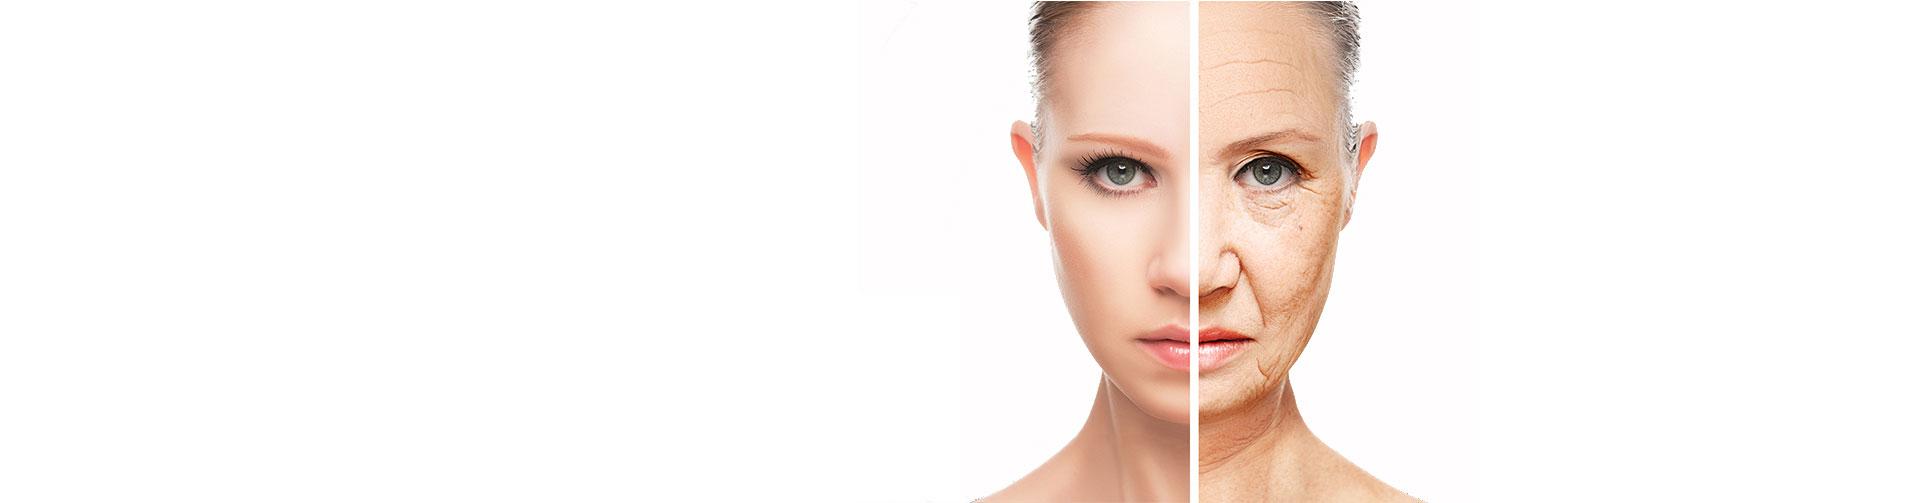 Anti-aging Cilt Bakımı